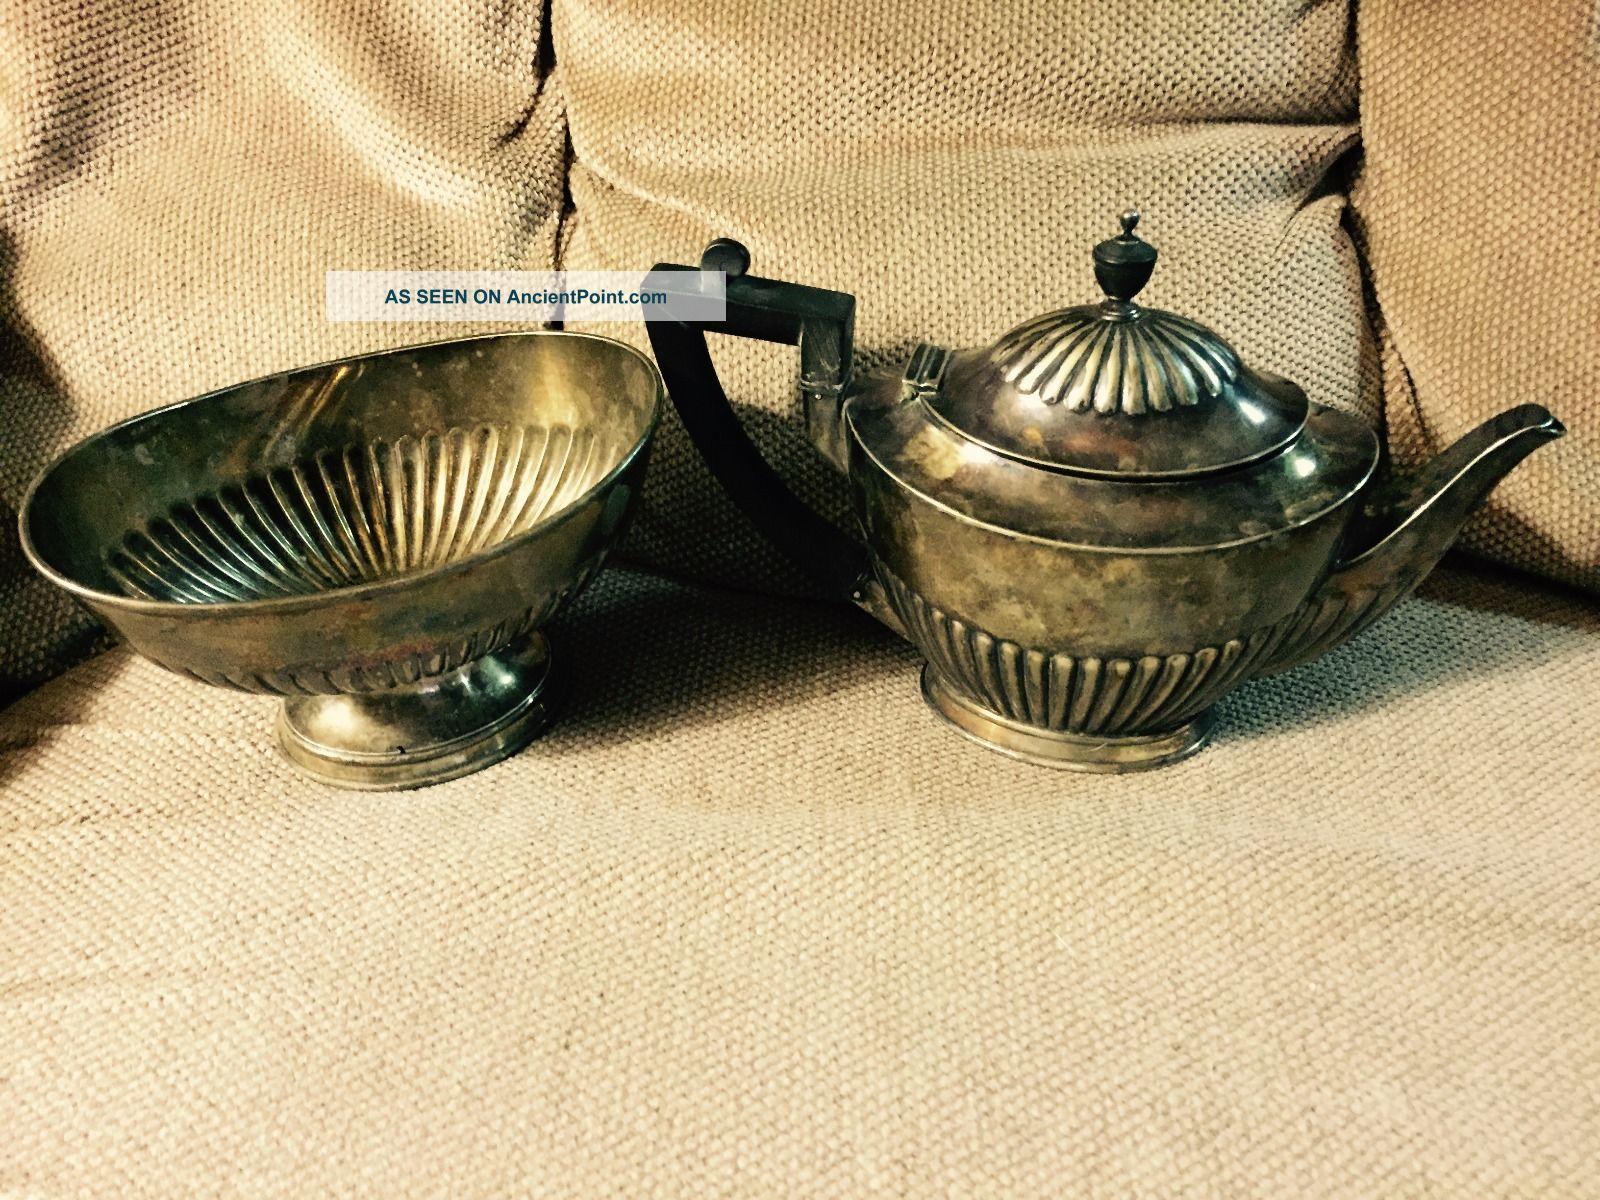 Tiffany & Co.  Silver Soldered Creamer And Sugar Bowl Set Creamers & Sugar Bowls photo